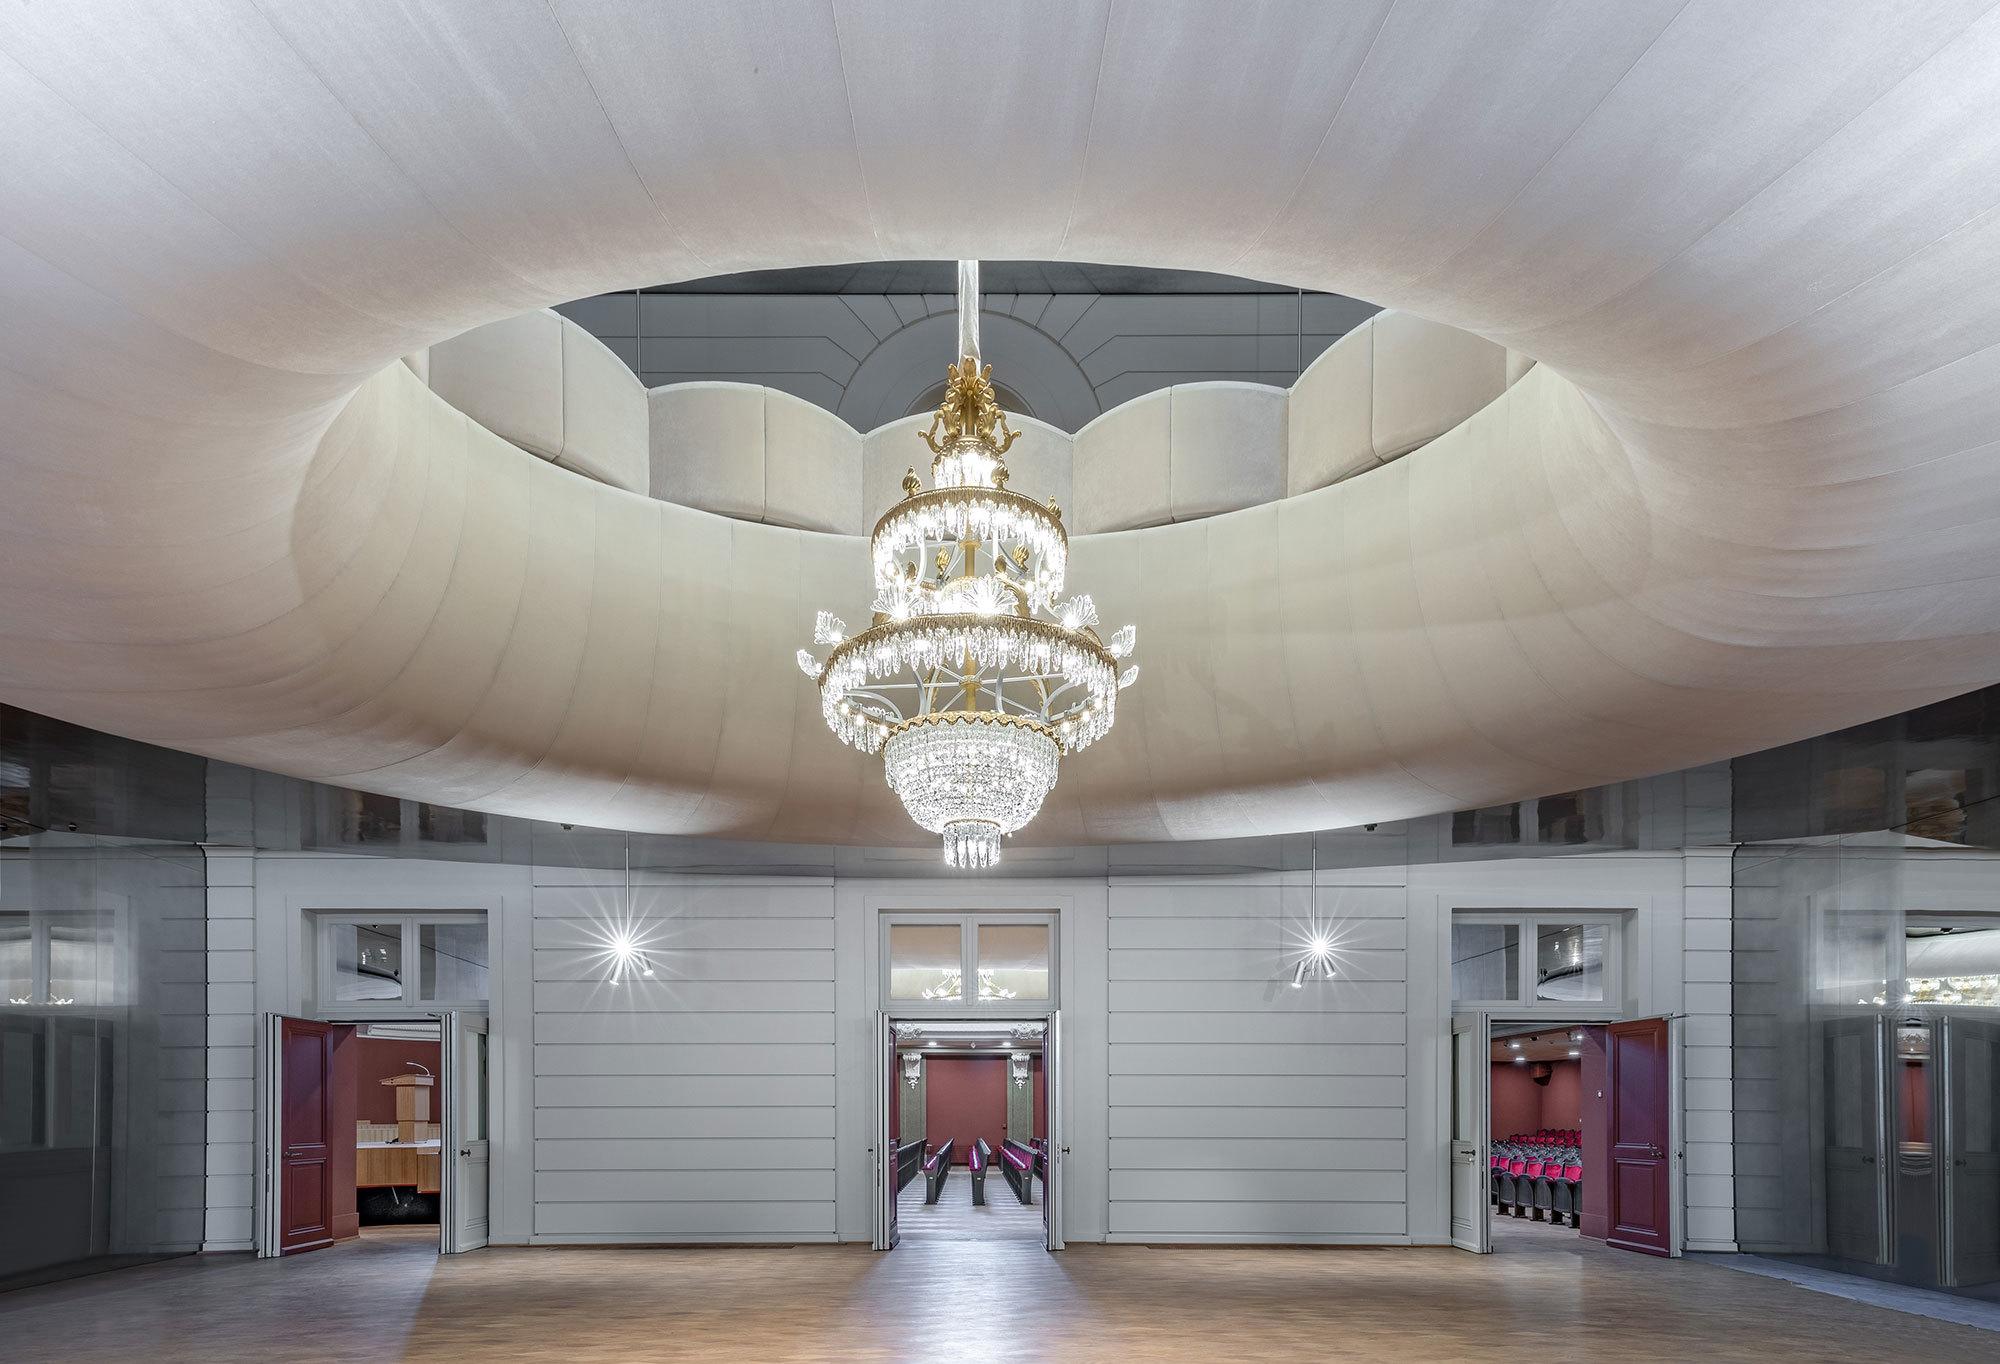 Im von Herzog & de Meuron umgebauten Stadtcasino Basel wurde der Stehlinsche Musiksaal mithilfe von originalgetreuen Möbelkonstruktionen von Girsberger Customized Furniture in seinen Zustand von 1905 zurückversetzt. Foto: André Bolliger